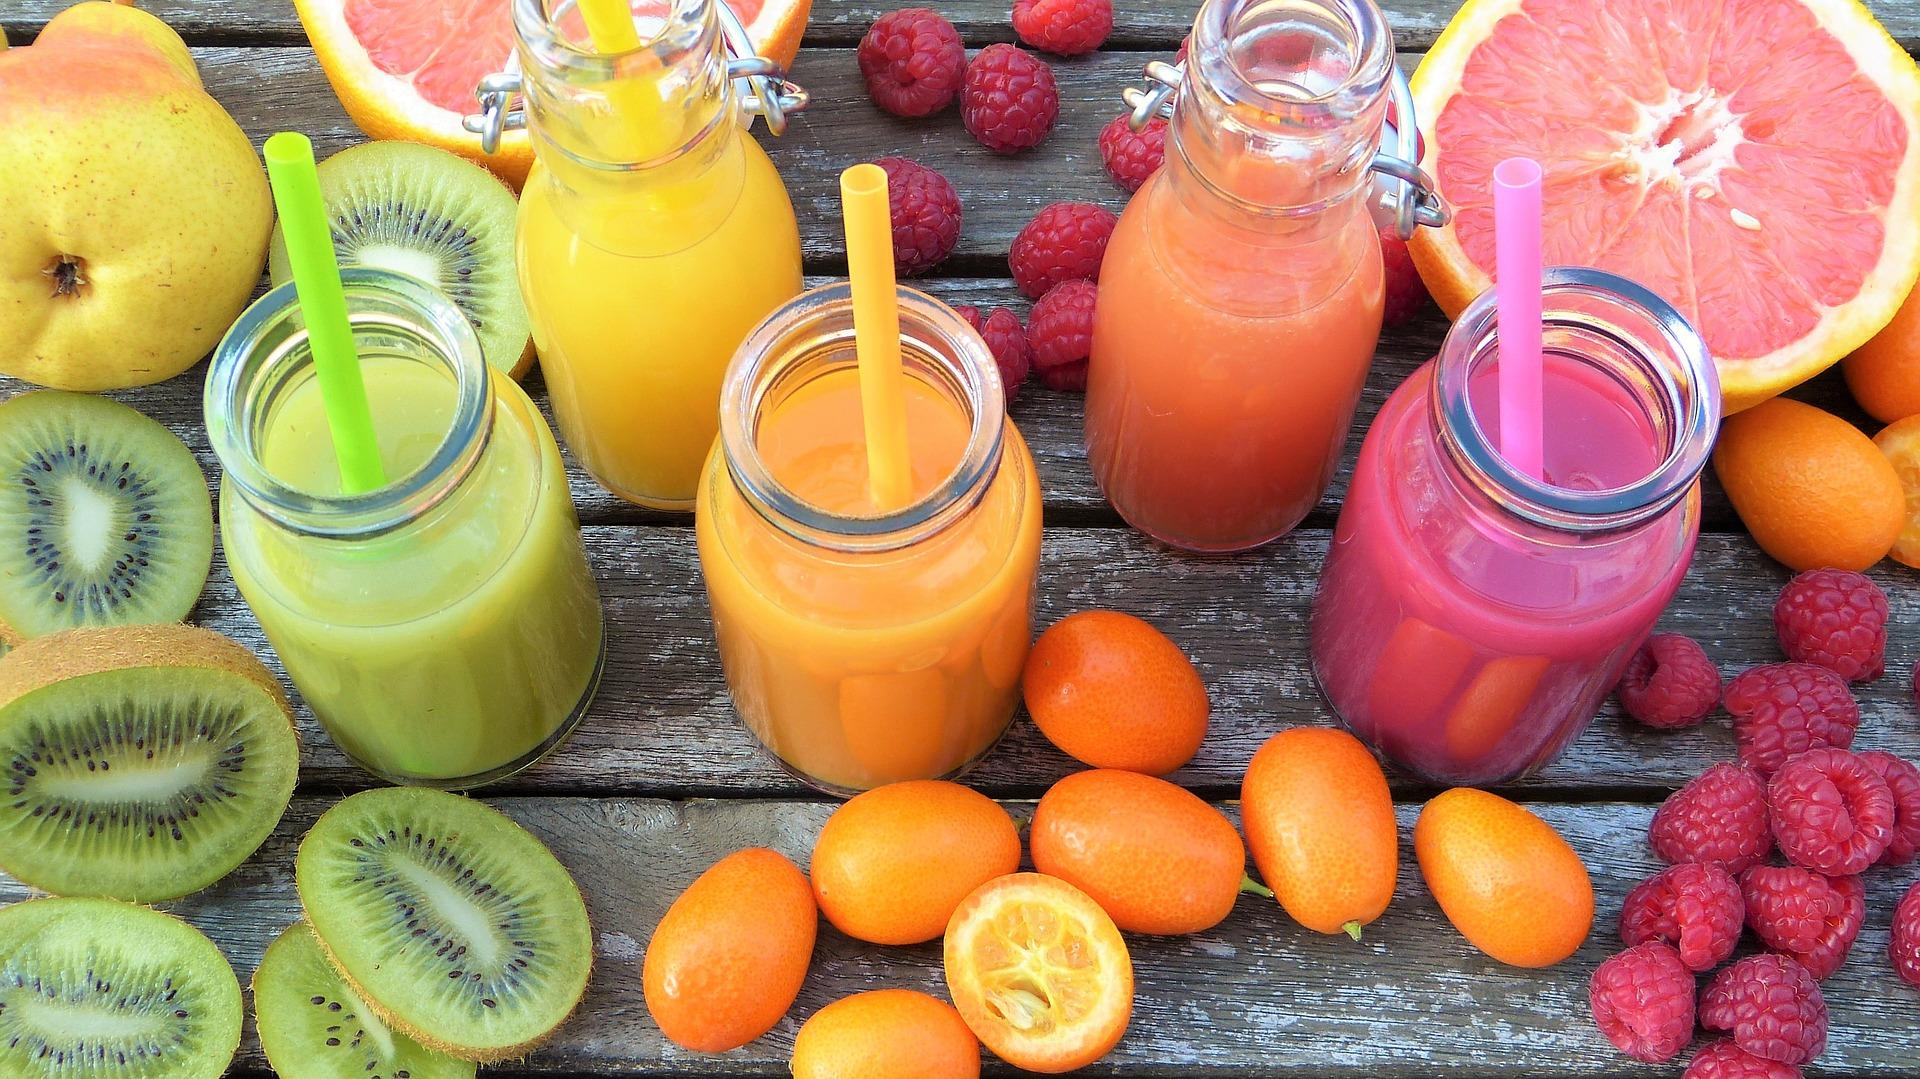 קנקנים עם מיץ פירות